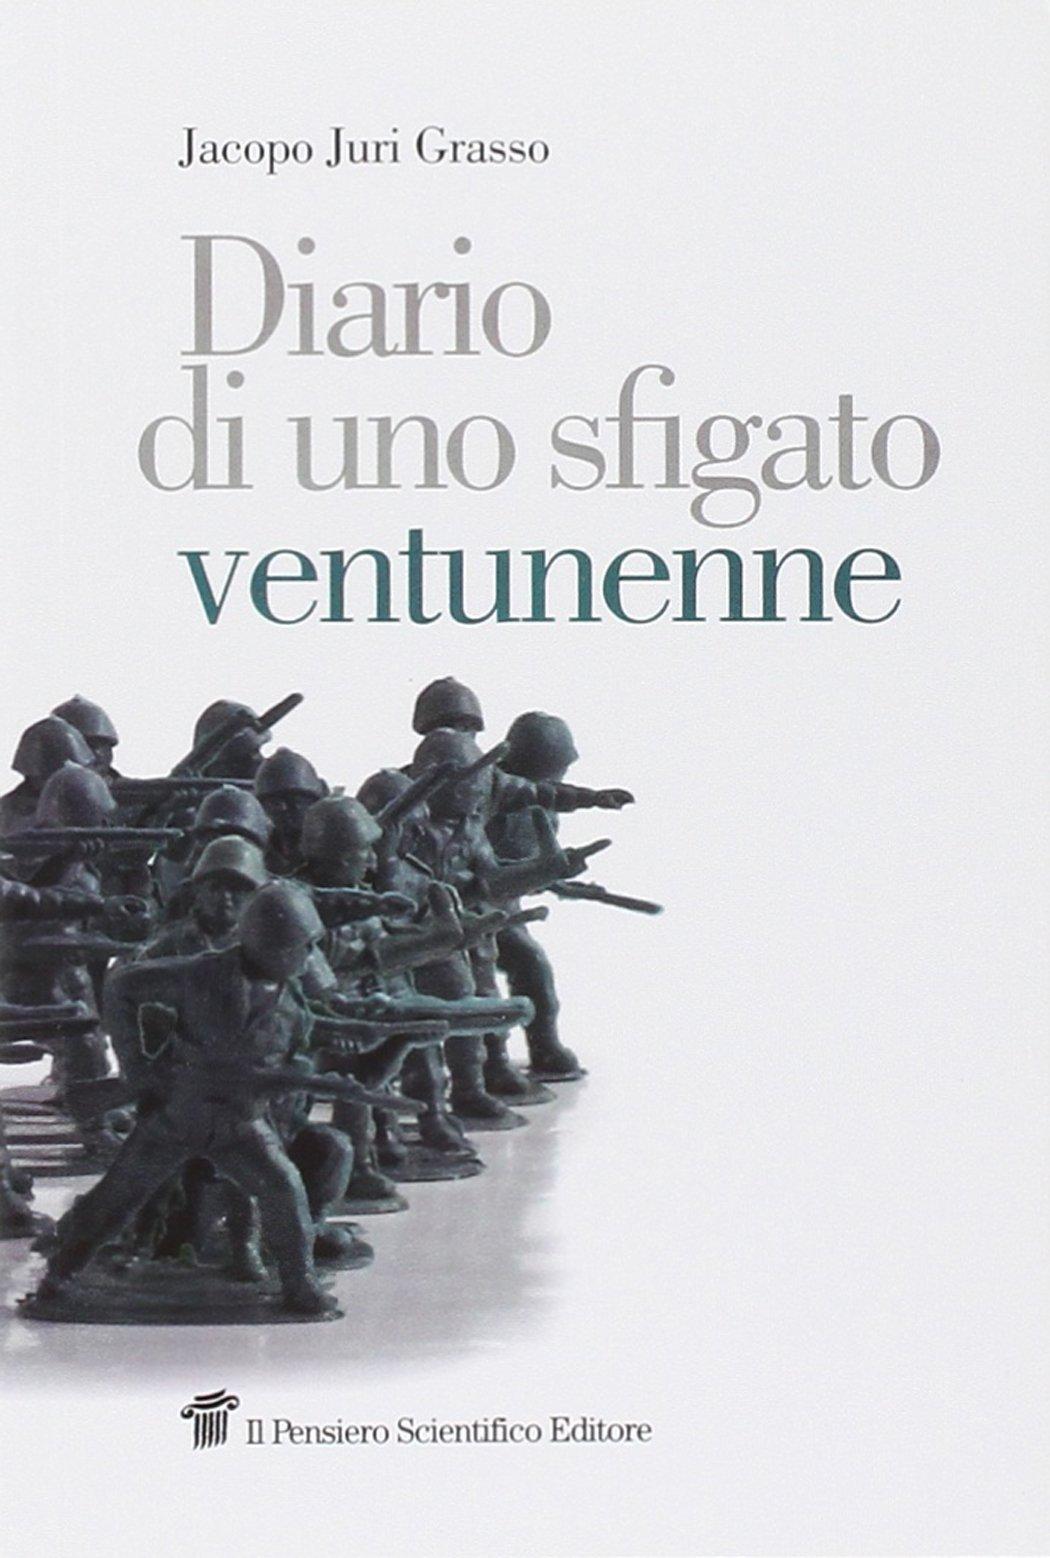 Diario di uno sfigato ventunenne  by  Jacopo Juri Grasso